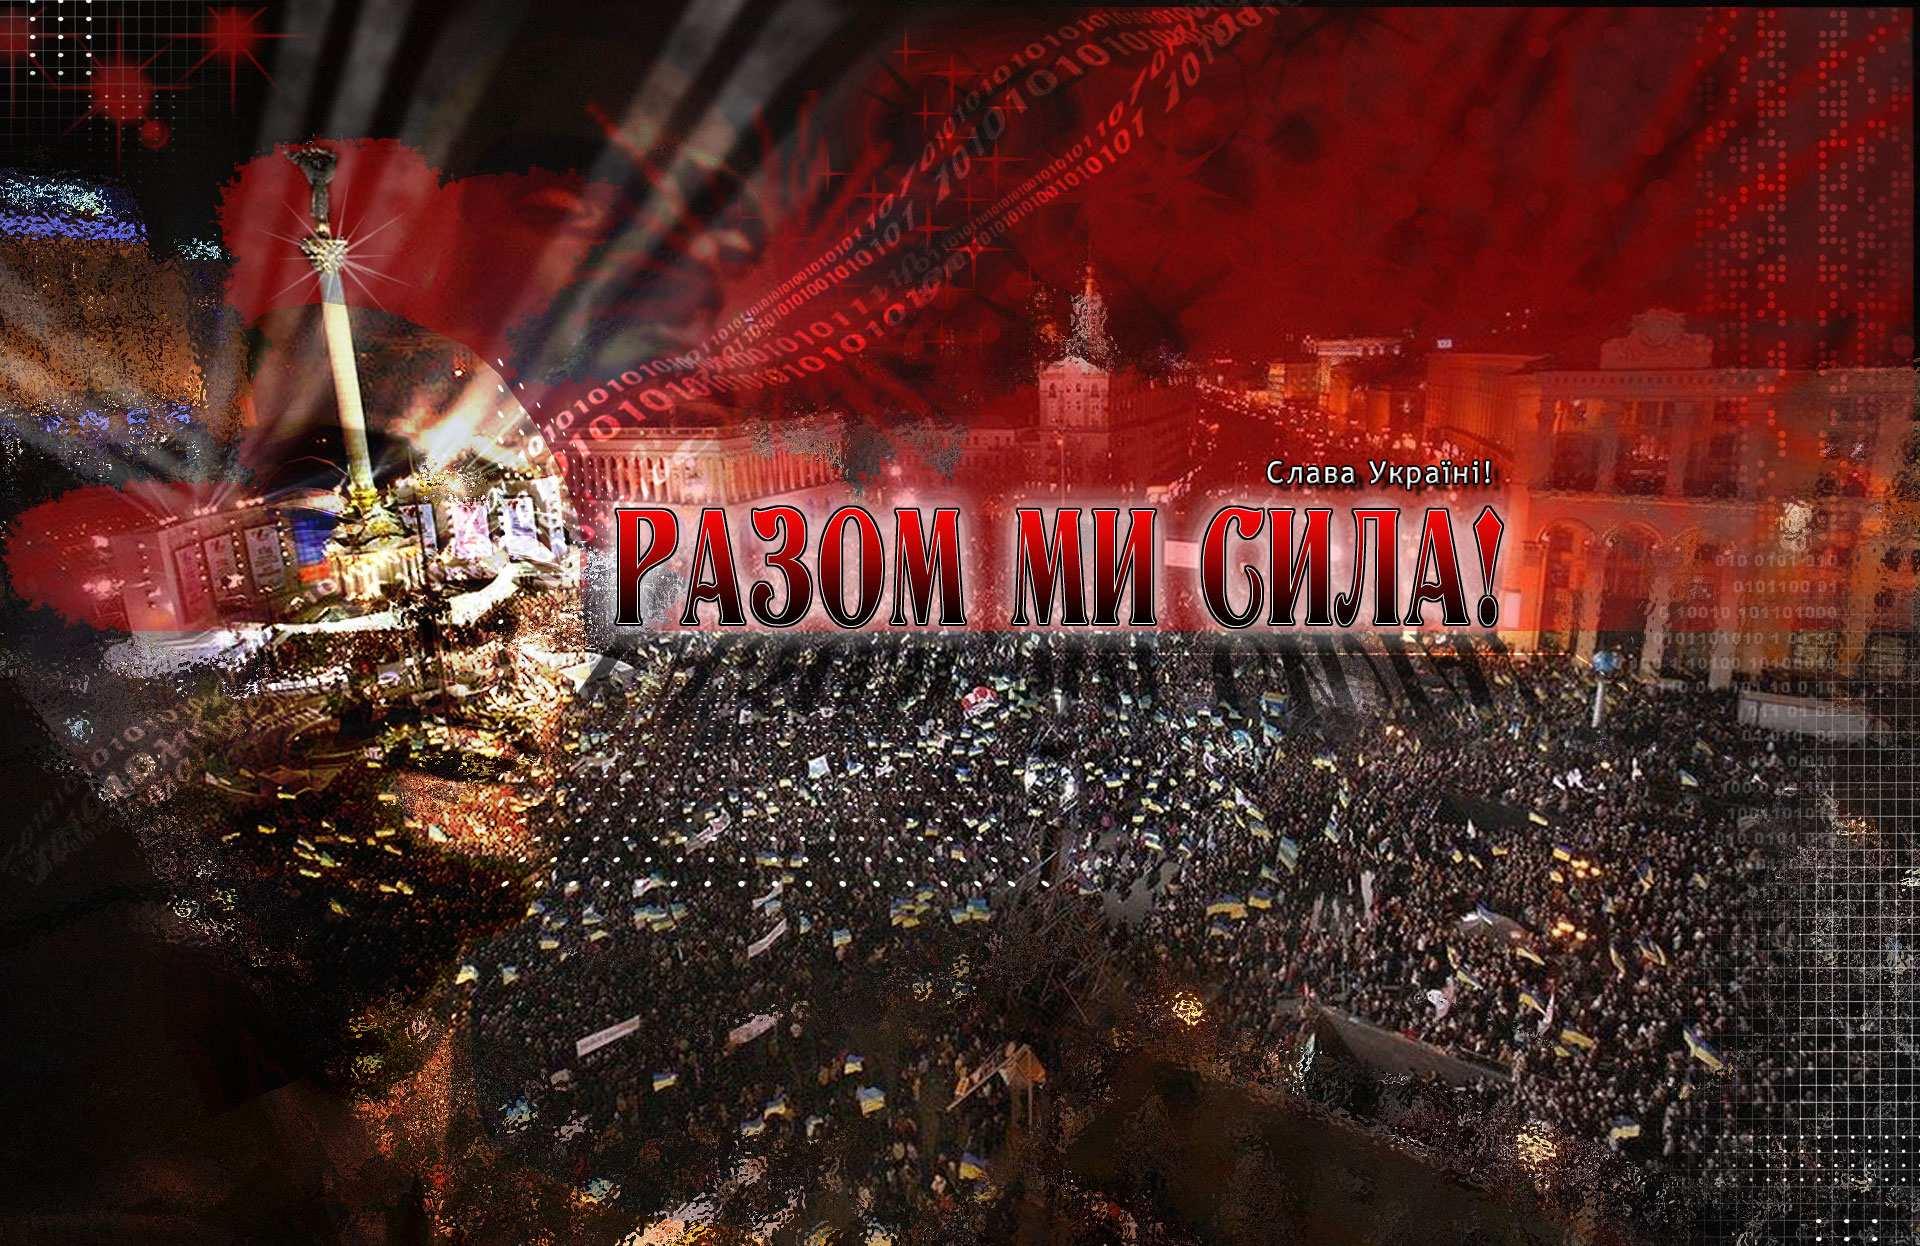 Слава Україні на робочий стіл